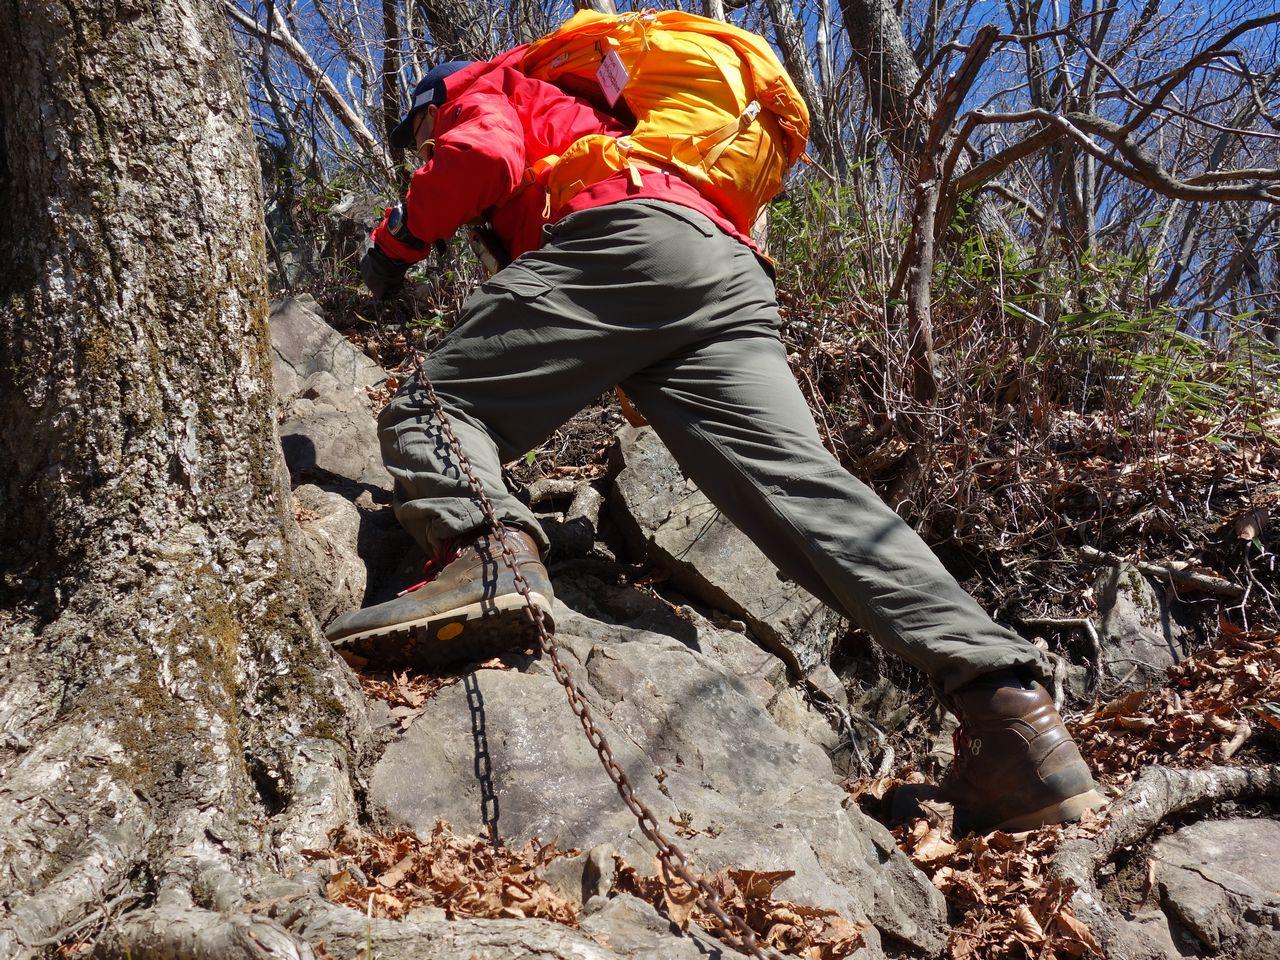 米沢山の鎖場に取り付く登山者